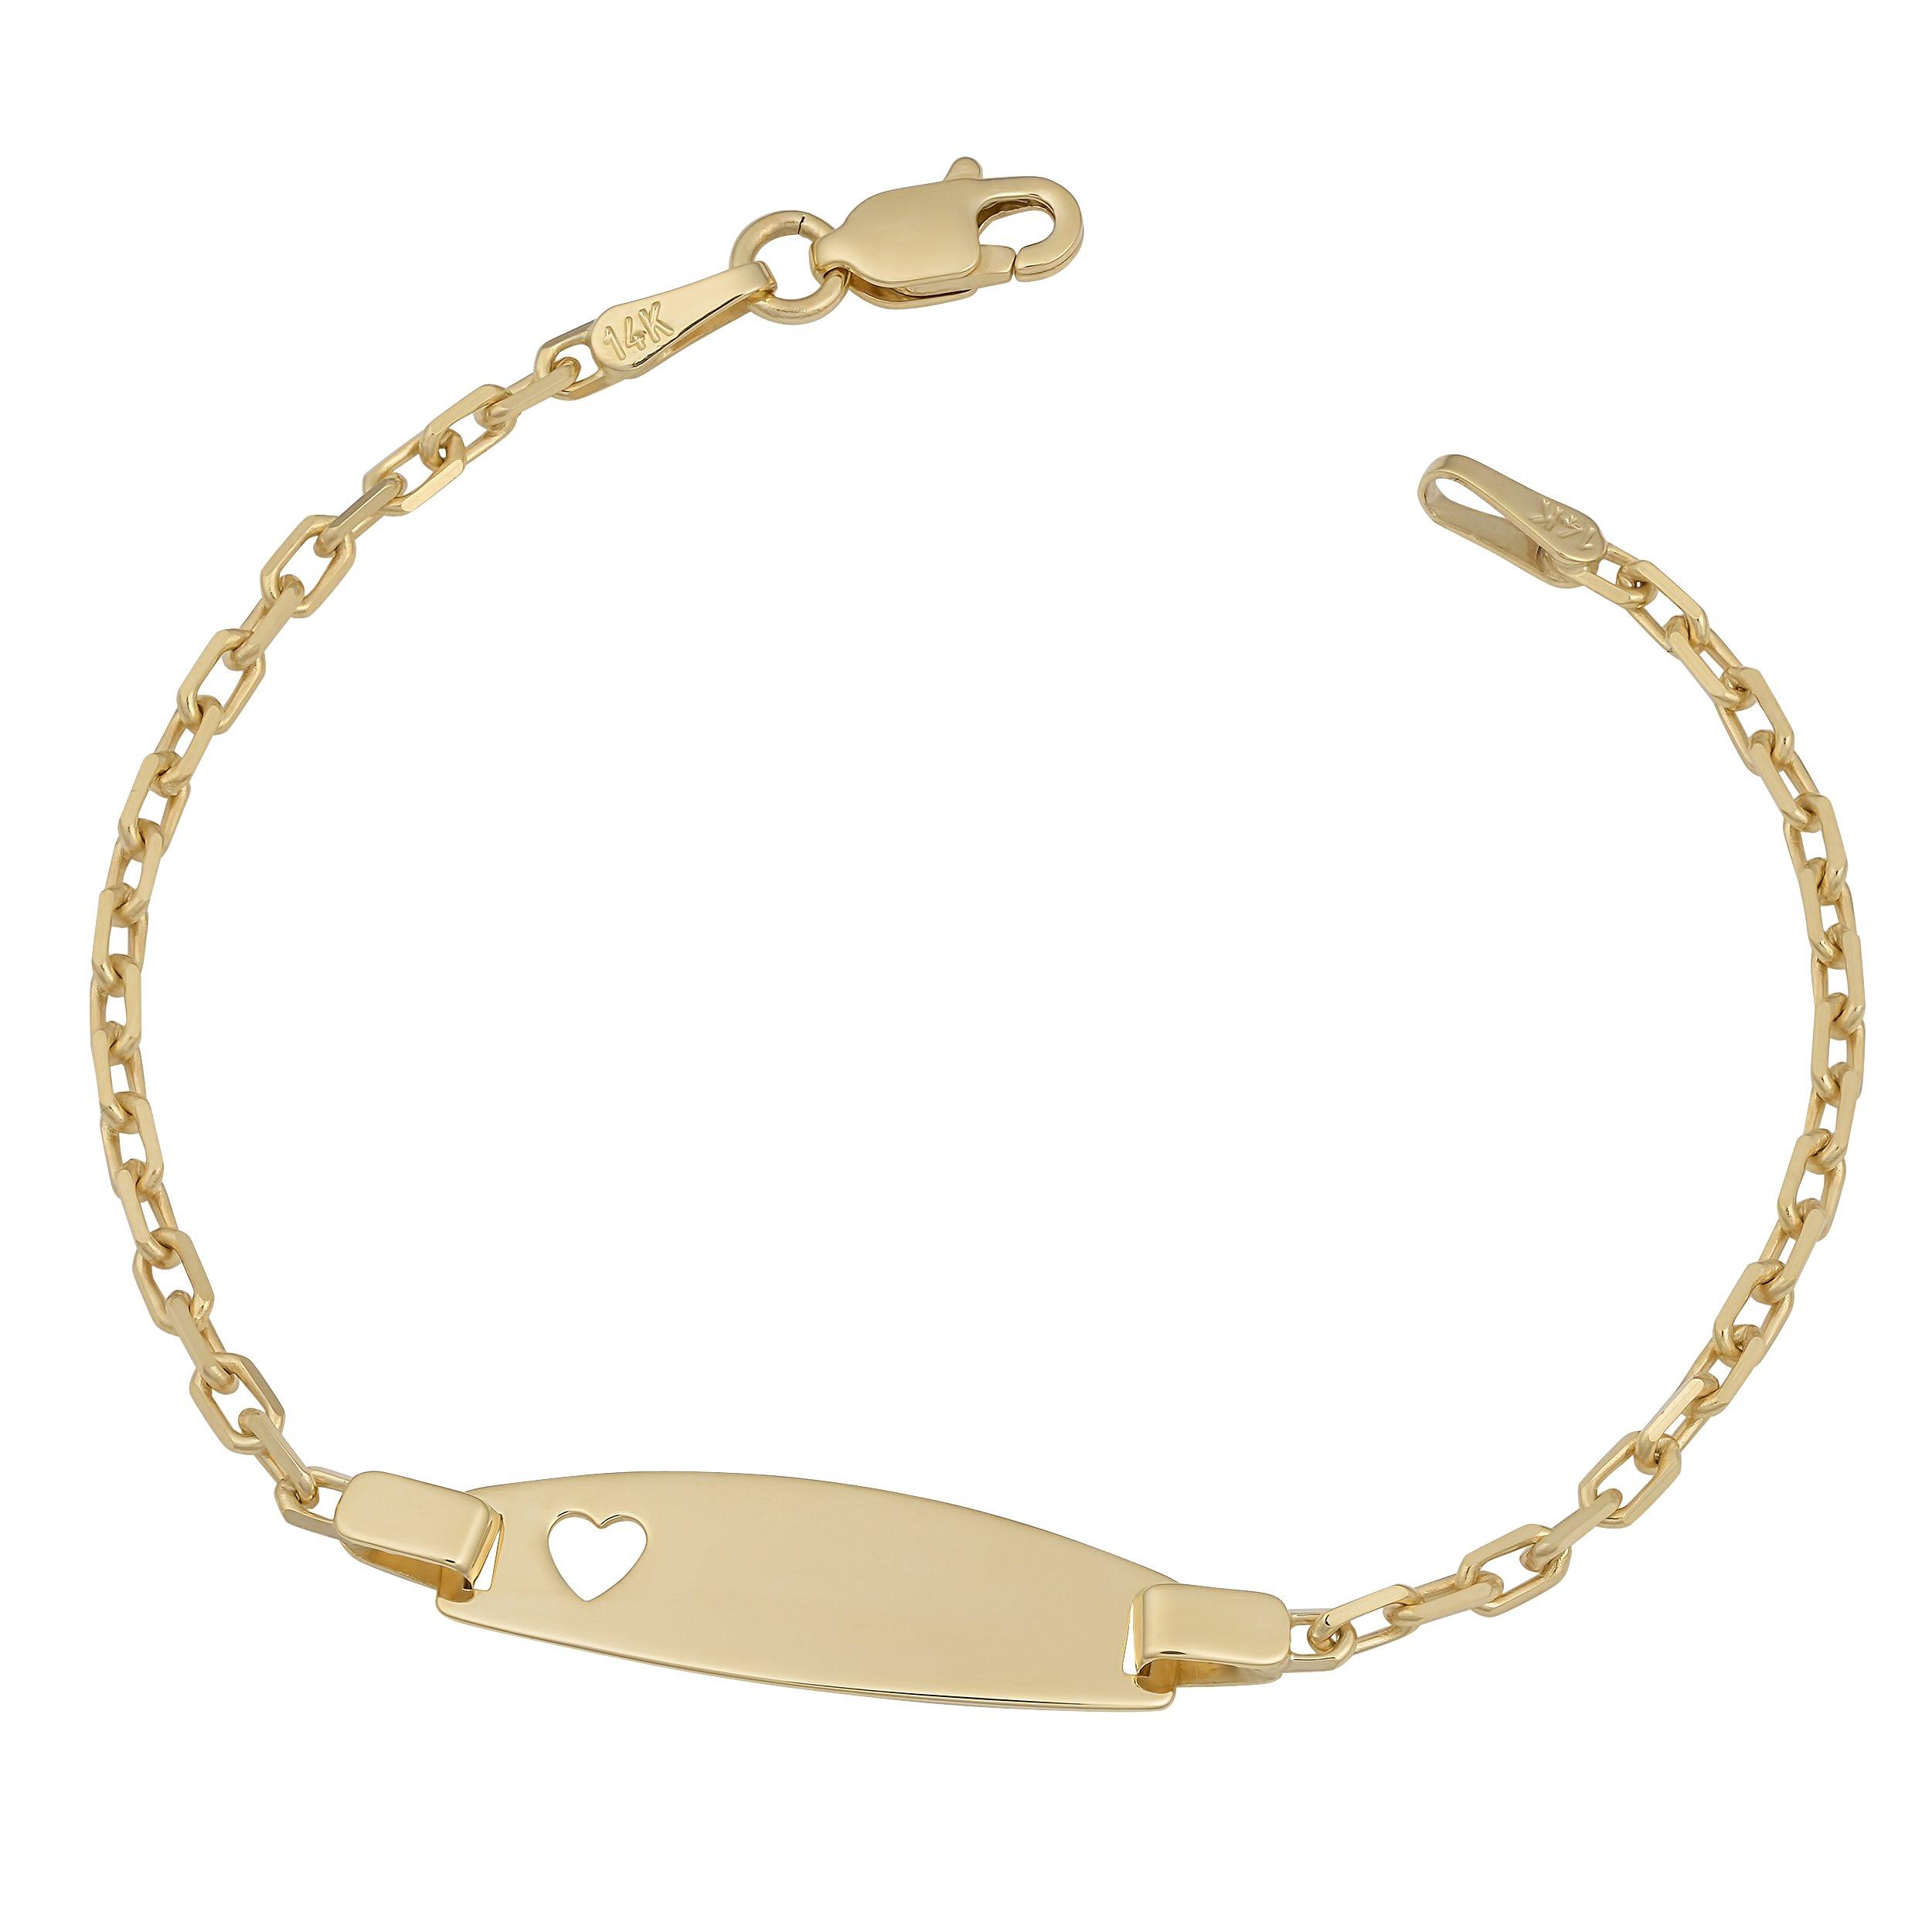 Kooljewelry 14k Yellow Gold Cable Link ID Bracelet with Heart (5.5 inch) by Kooljewelry